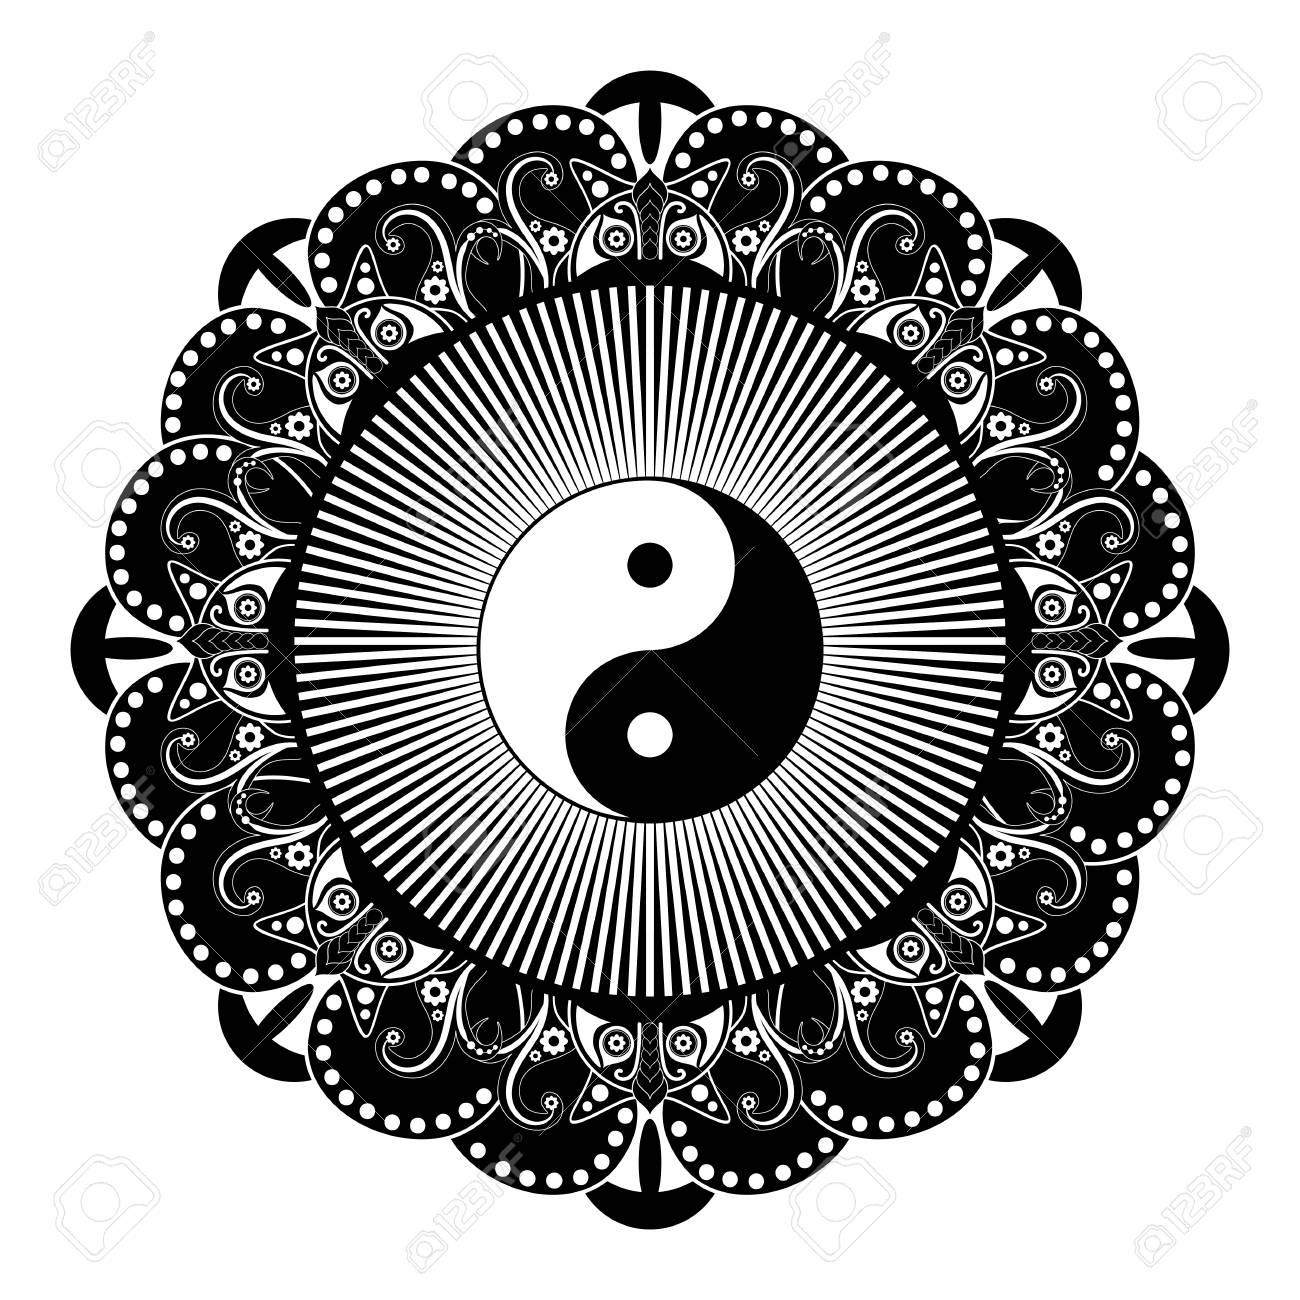 Pace Bianco E Nero mandala di tatoo del hennè vettoriale in bianco e nero. yin e yang simbolo  decorativo